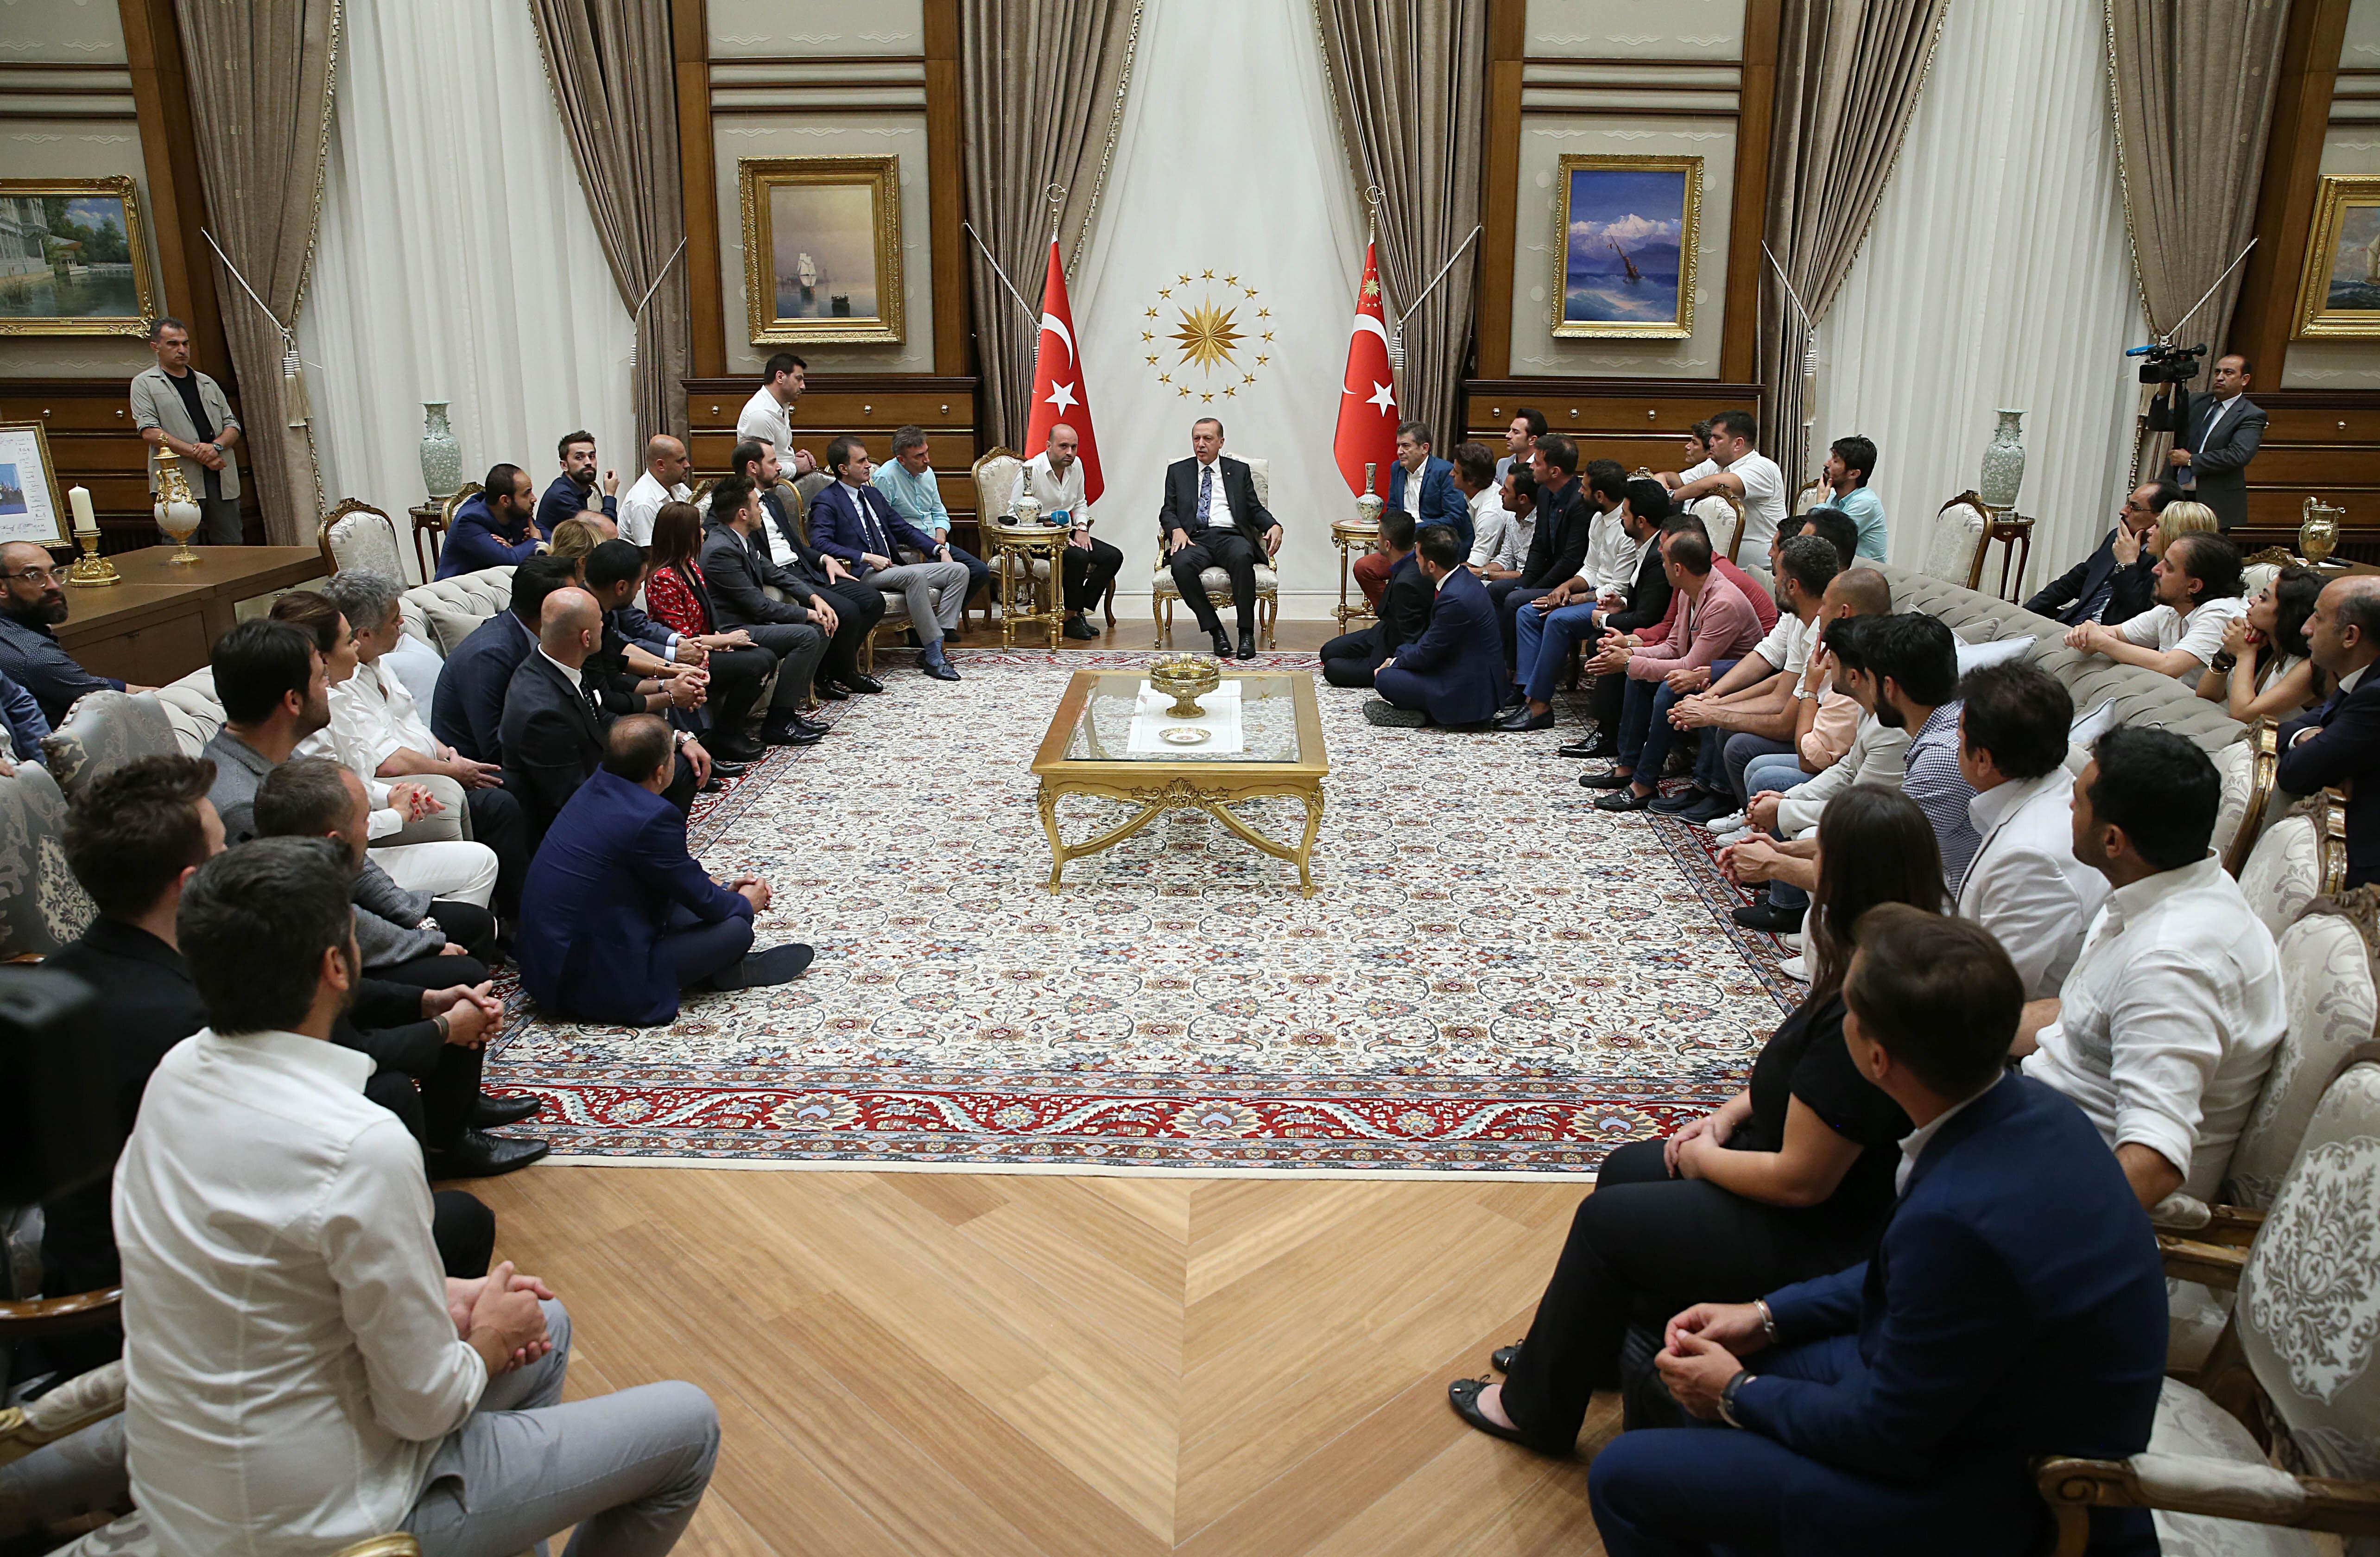 Cumhurbaşkanı Recep Tayyip Erdoğan 28 Temmuz tarihinde Beştepe Millet Camisi önünde vatandaşlarla bir araya gelen sanatçı, oyuncu, radyocu ve sporcuları Cumhurbaşkanlığı Külliyesi'nde kabul etti.